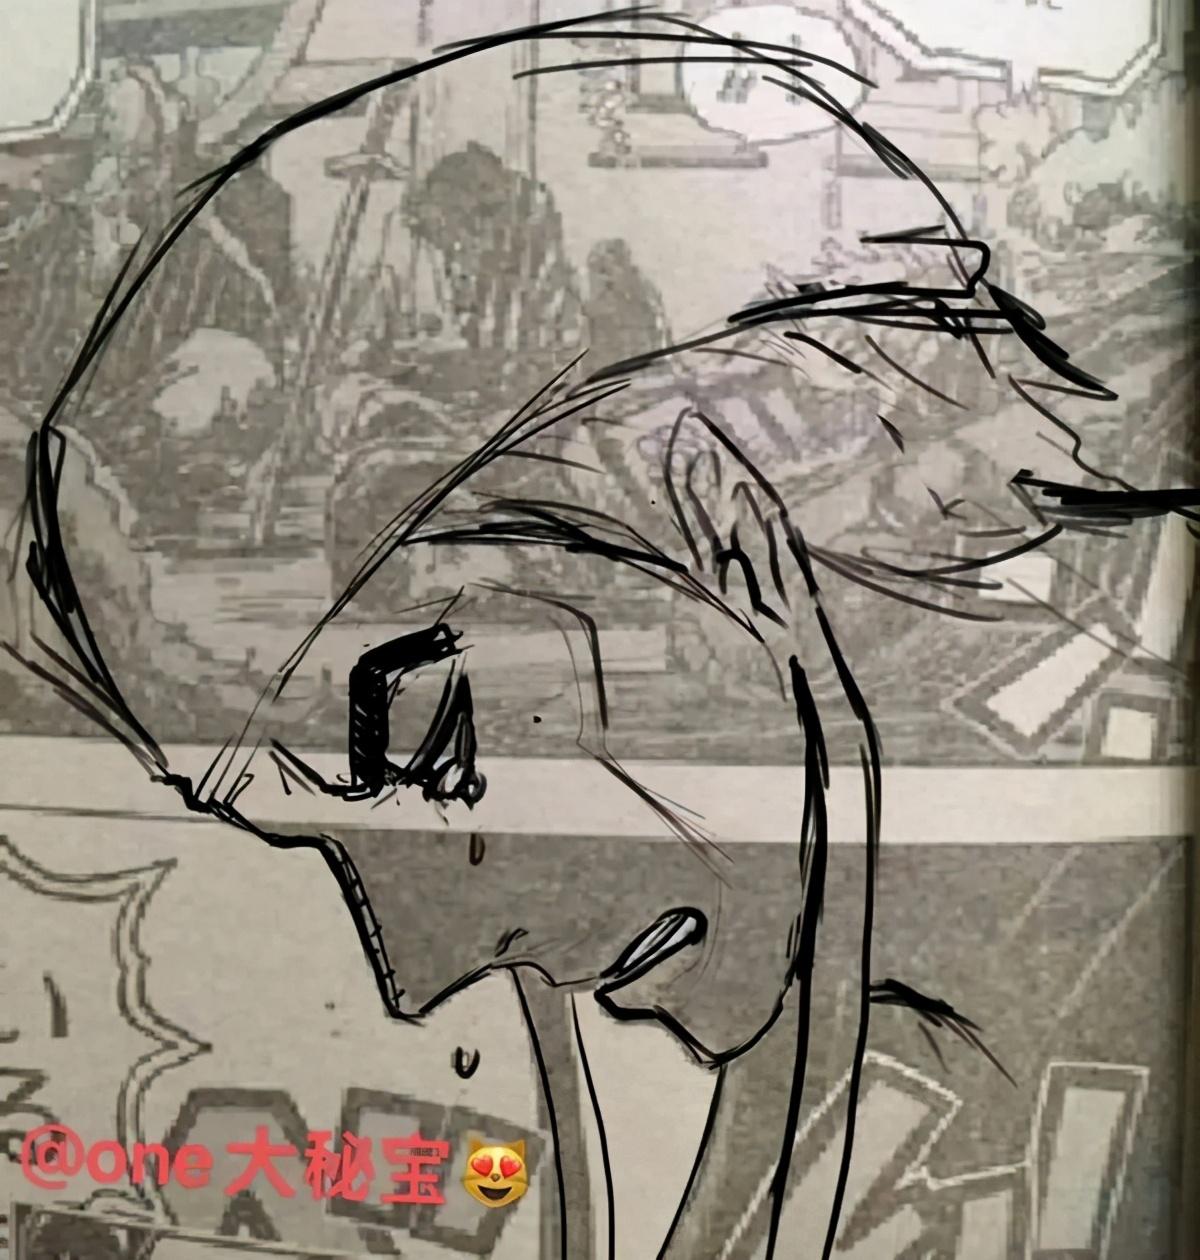 海賊王1004出現神秘人,剪影類似艾尼路!網友:可能是時夫人